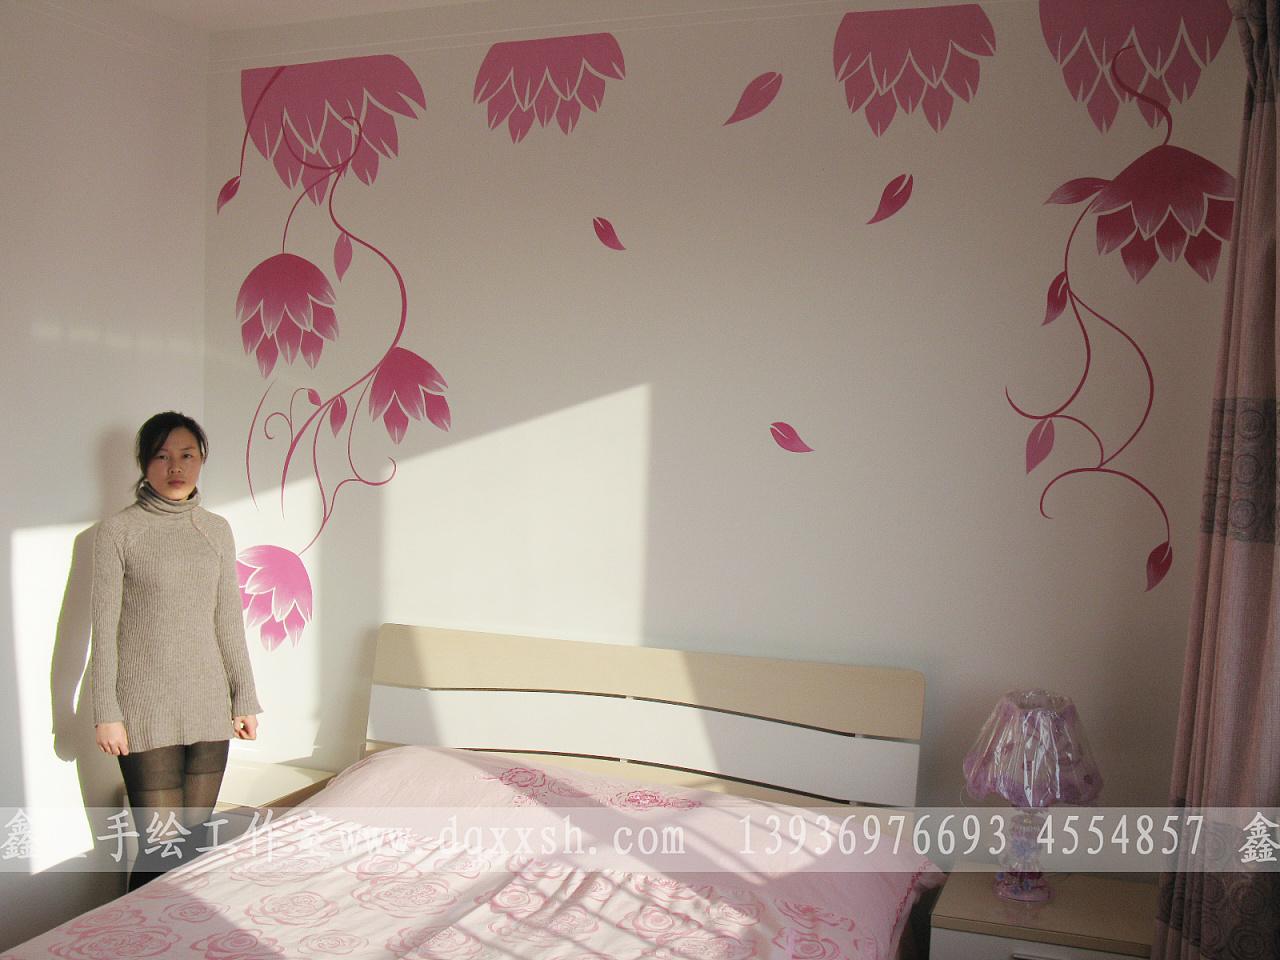 大庆手绘,大庆手绘墙,大庆墙体手绘